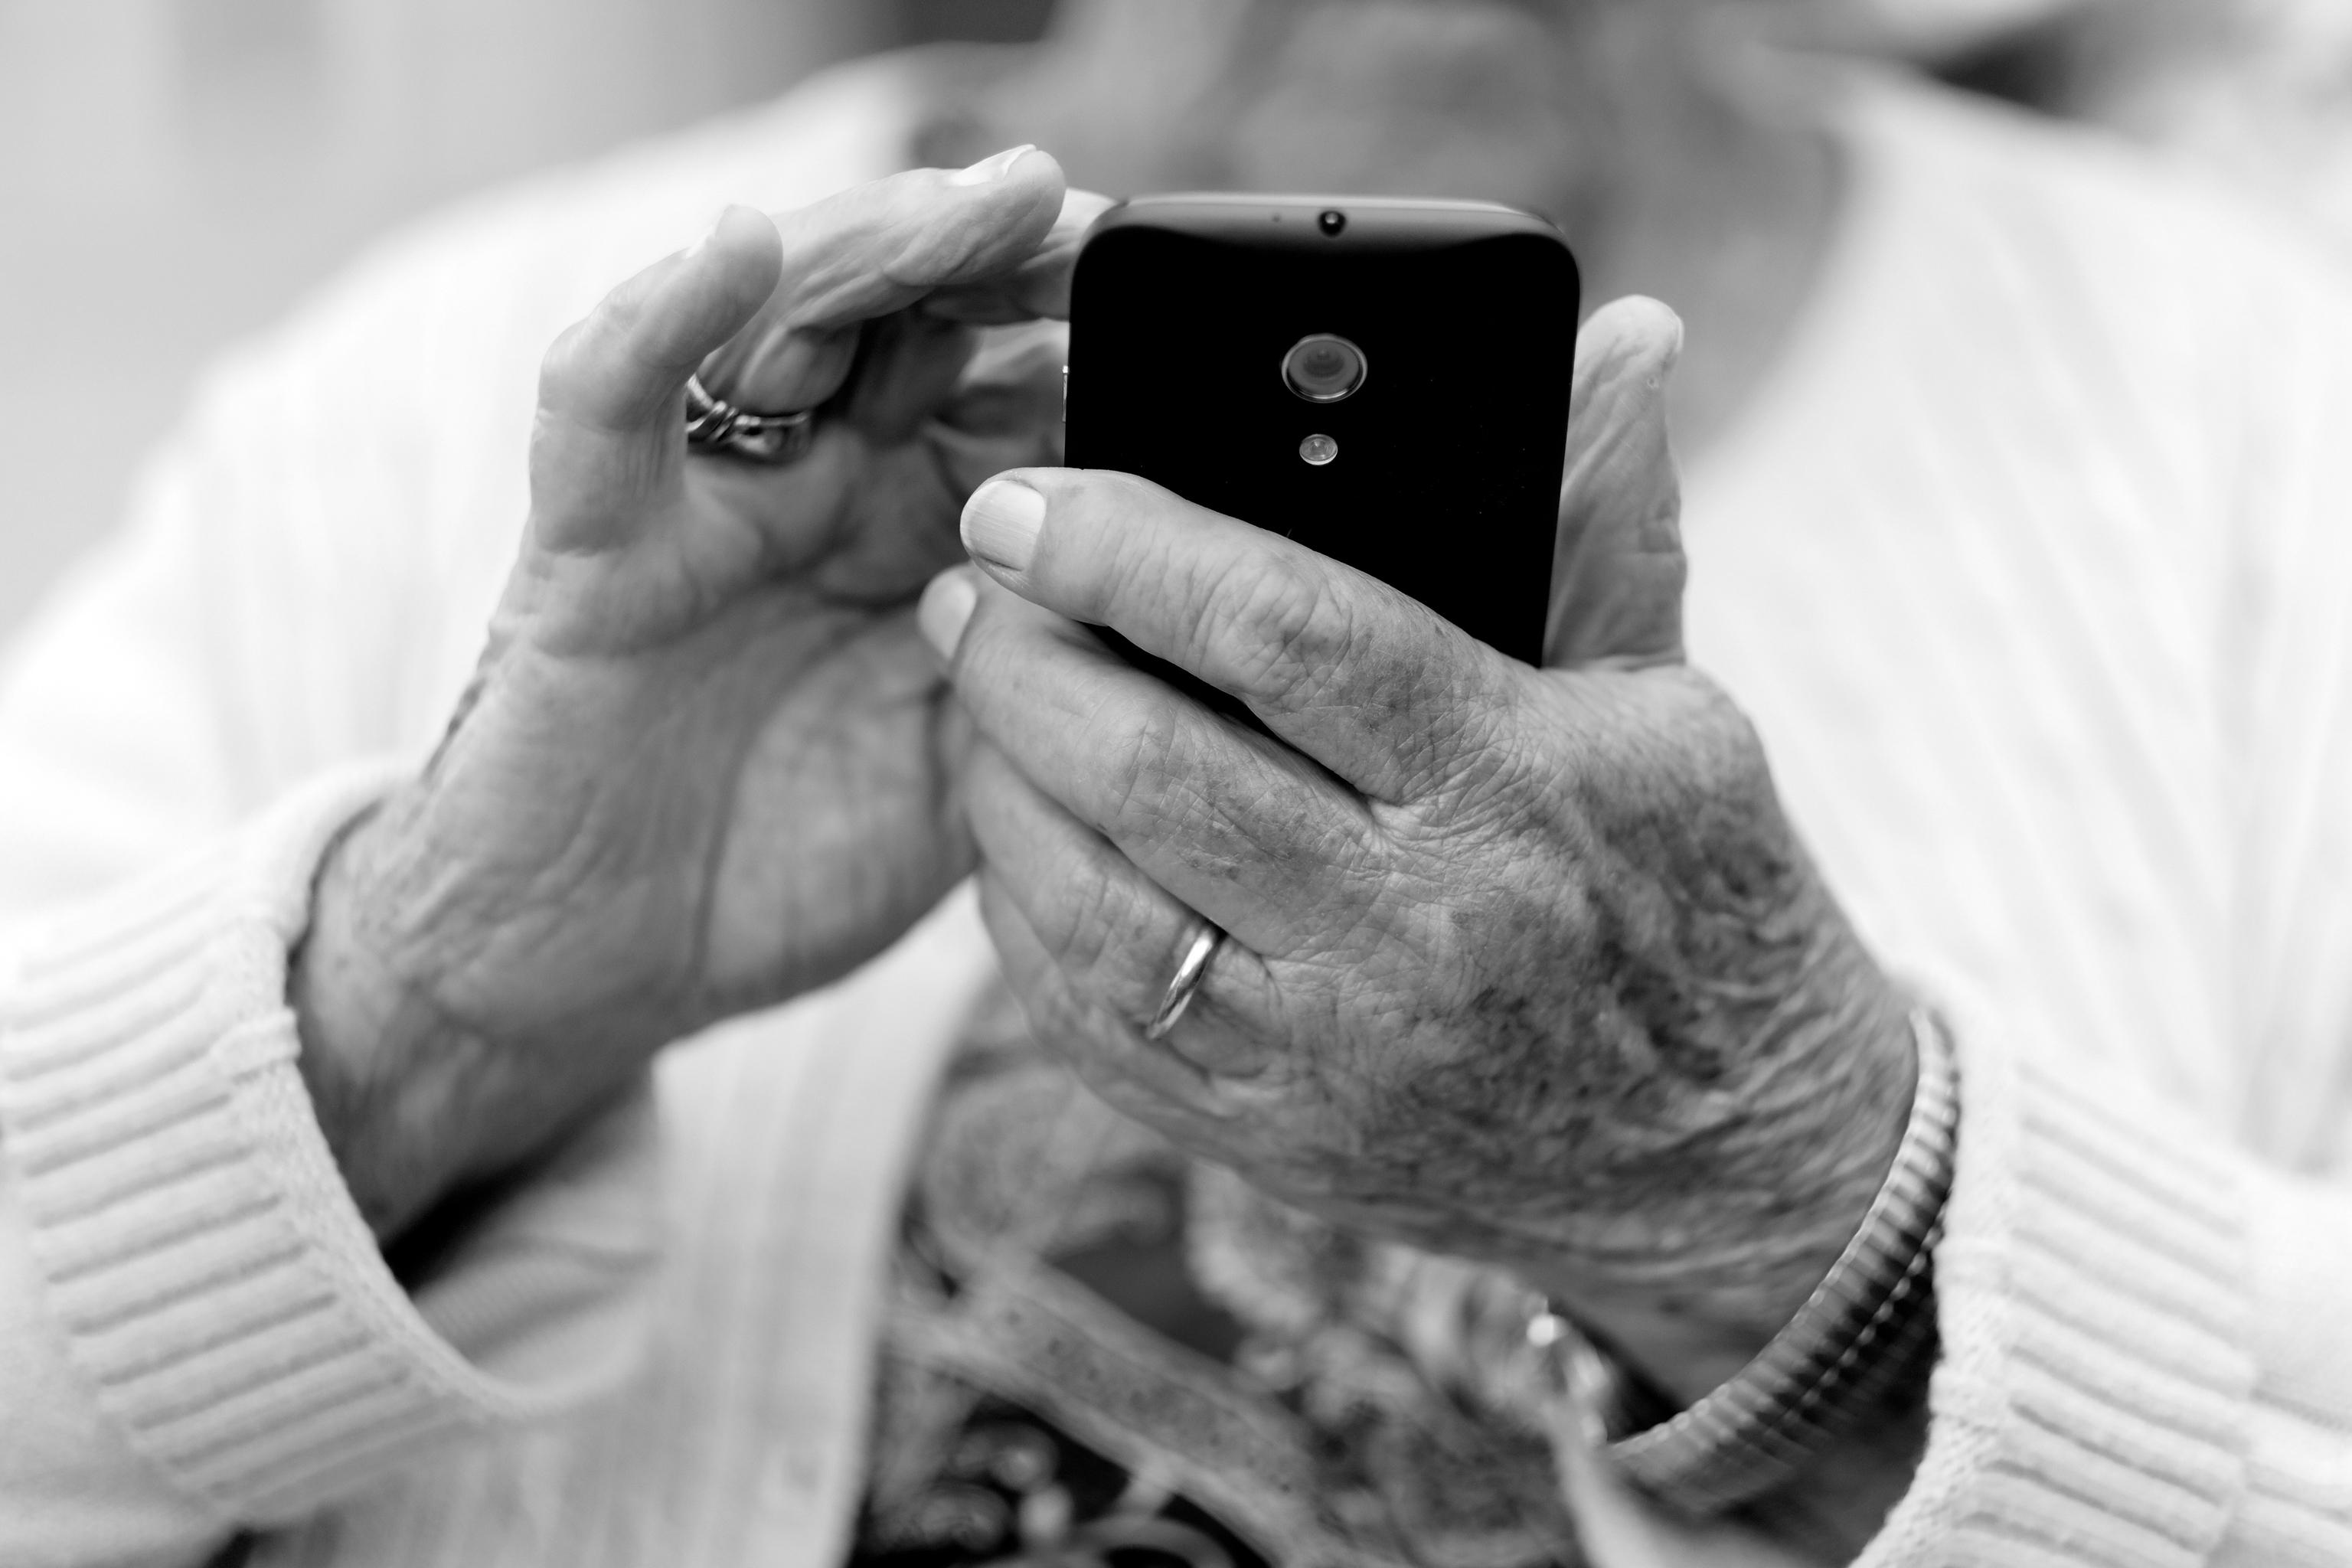 El proyecto Pioner@os de Banco Santander ha atraído a un millón de mayores de 65 años a sus plataformas.